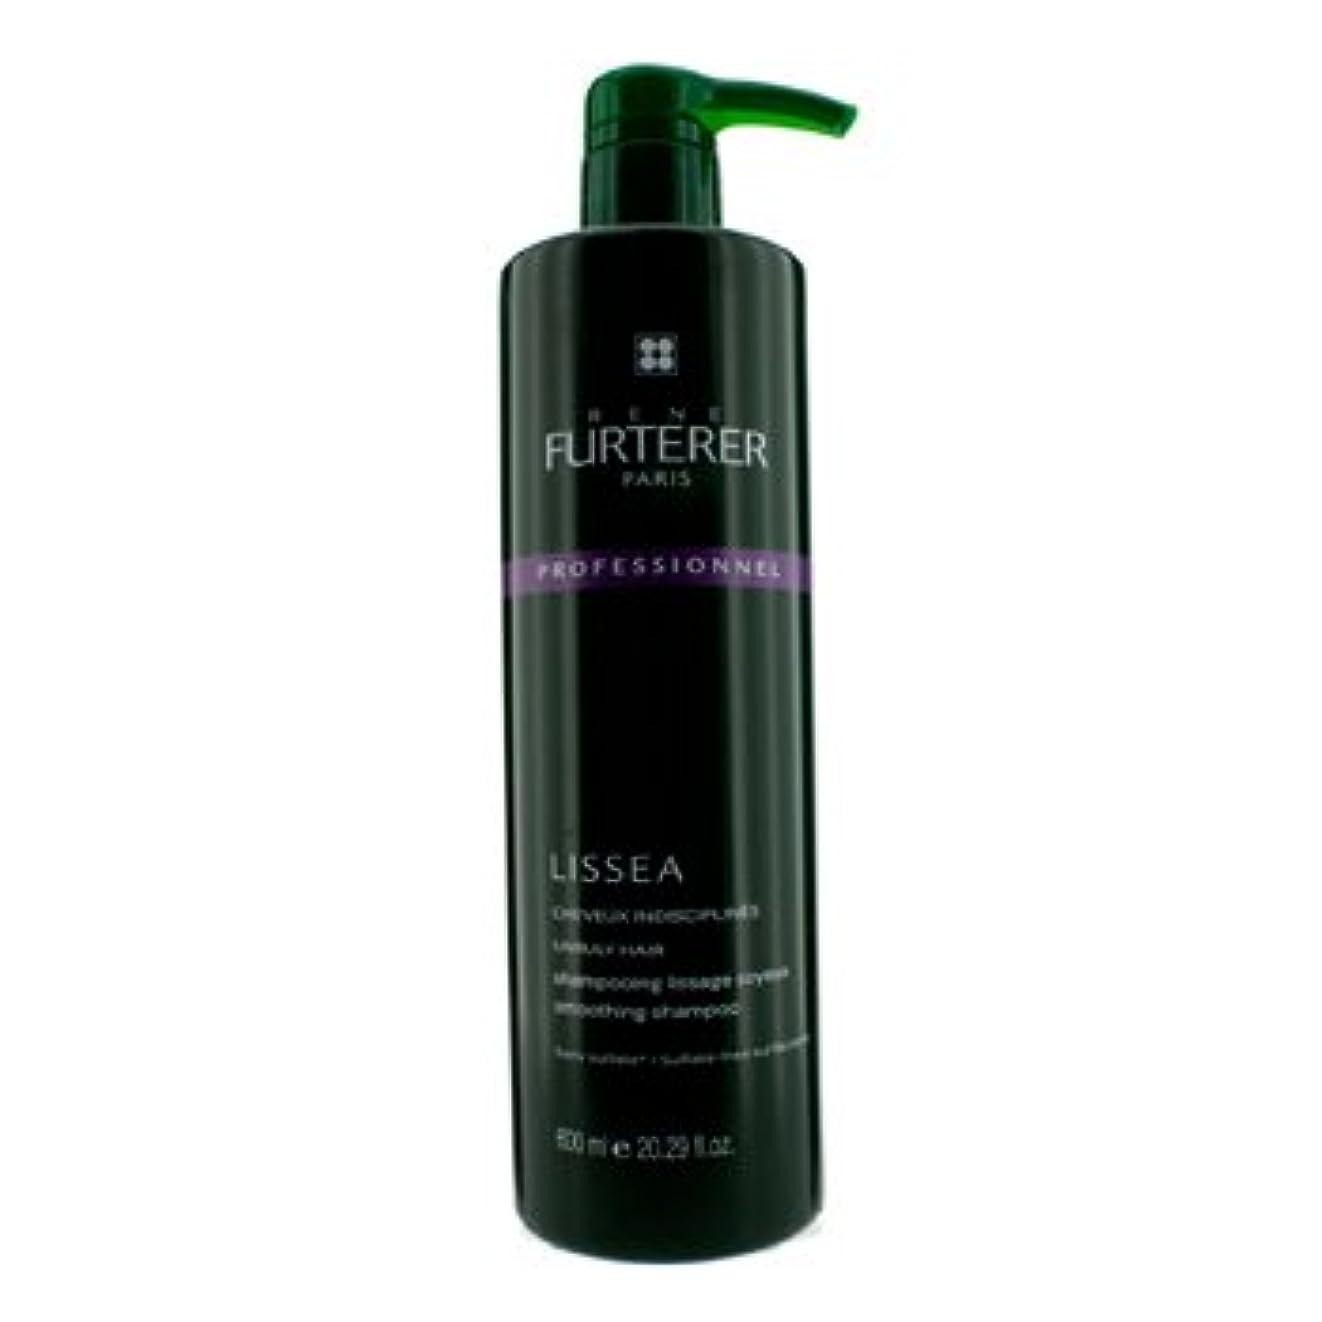 オーバーヘッド簡単に不誠実[Rene Furterer] Lissea Smoothing Shampoo - For Unruly Hair (Salon Product) 600ml/20.29oz